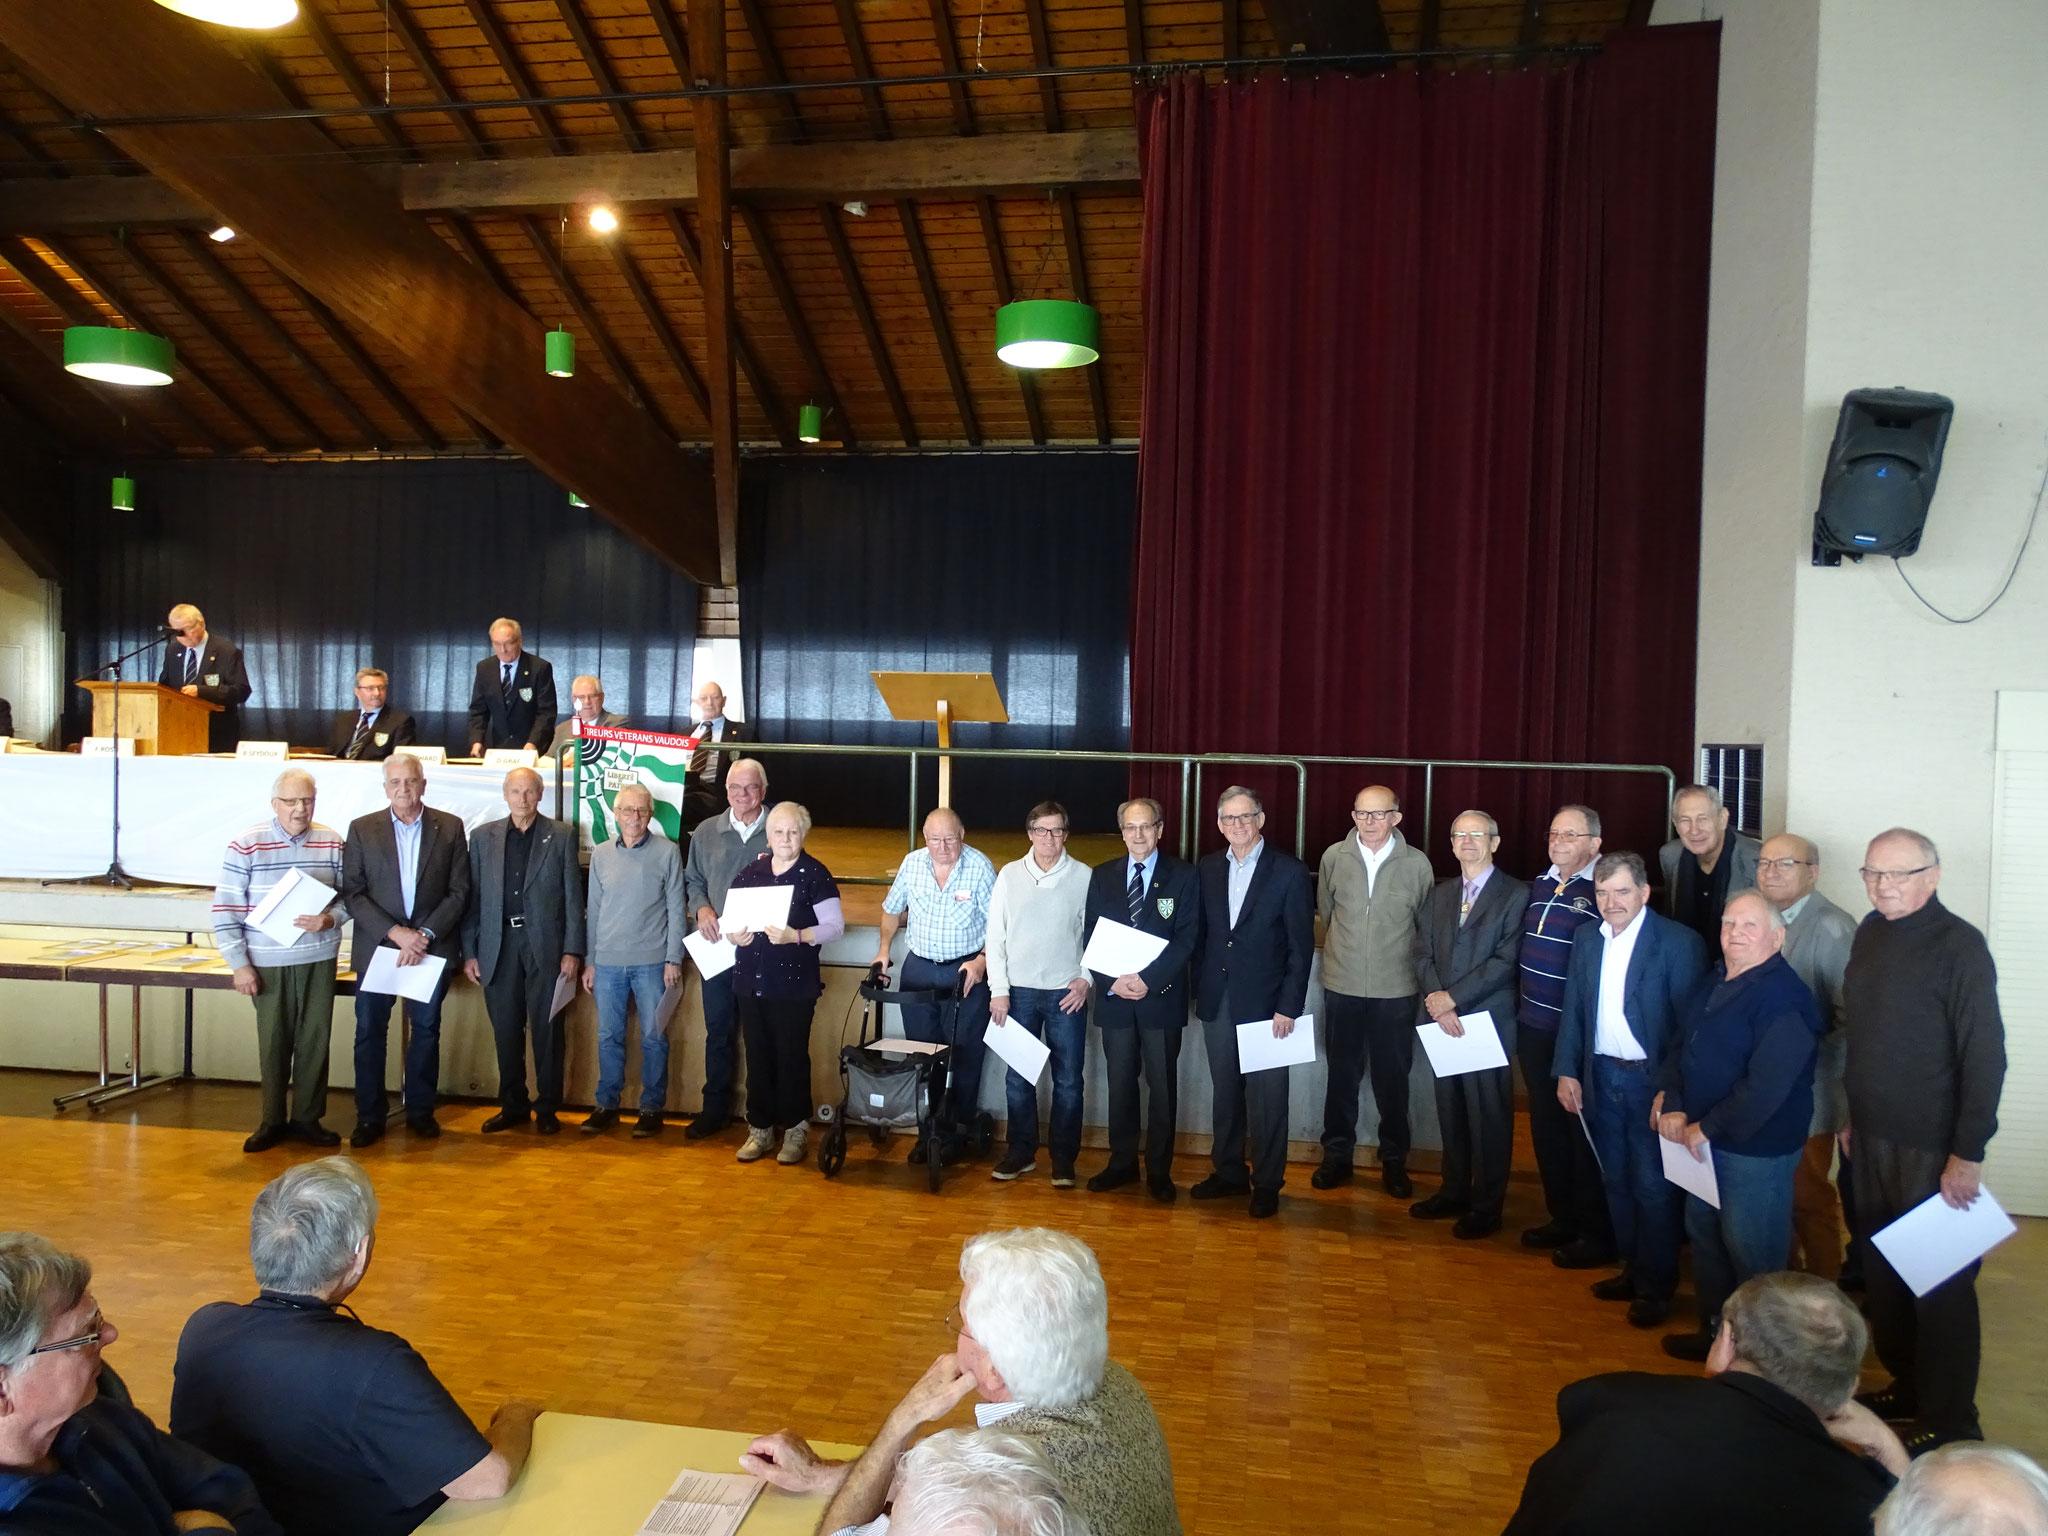 Vétérans honoraires cantonaux 15 ans de sociétariat